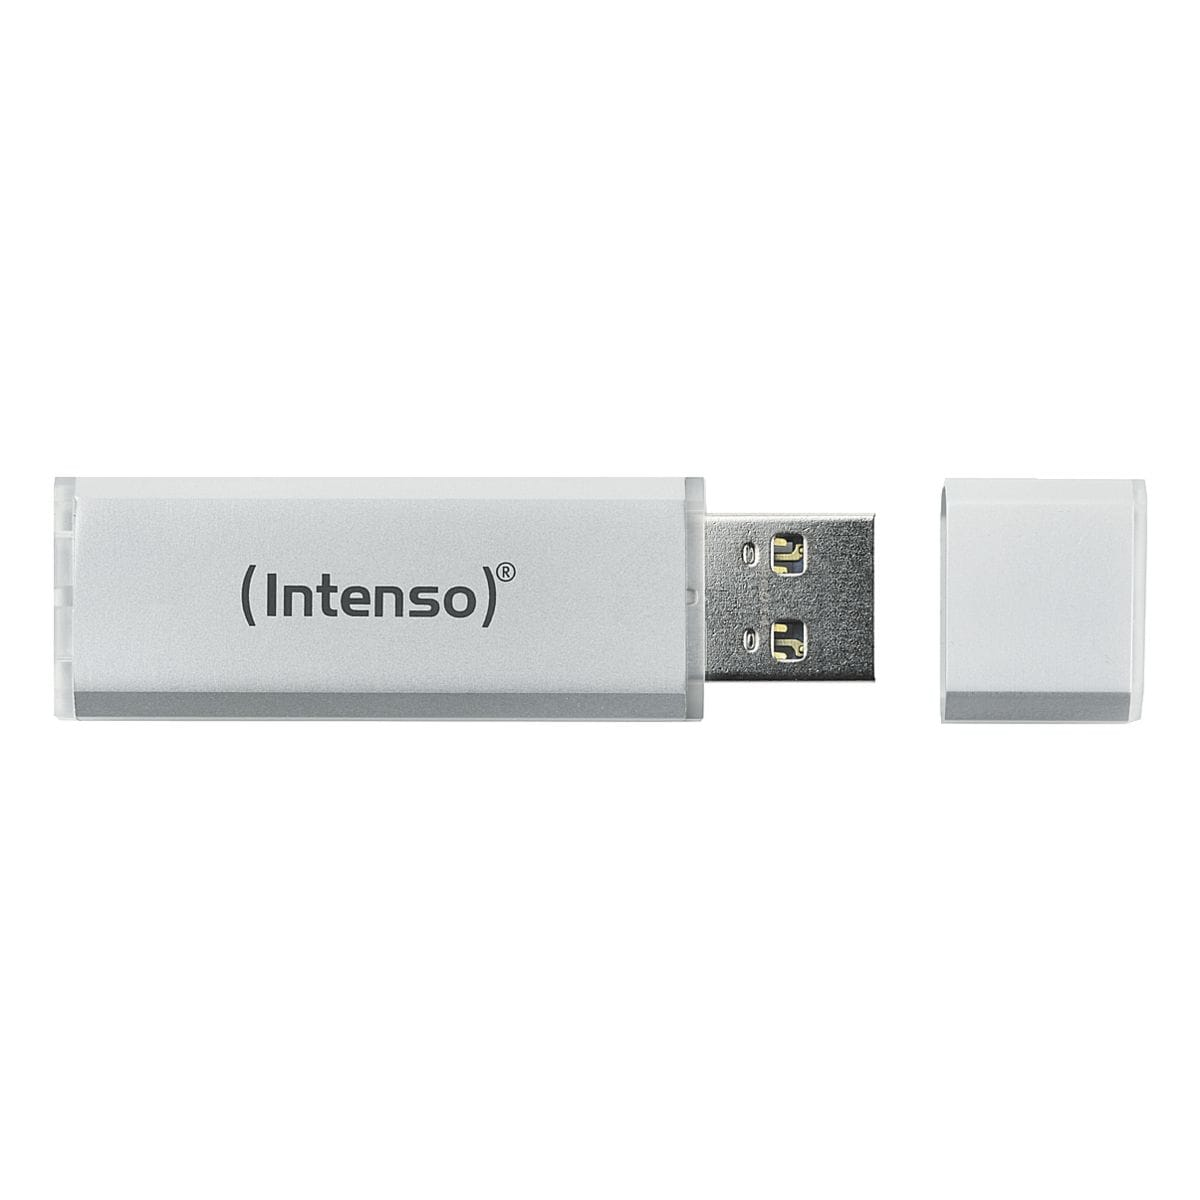 USB-Stick 16 GB Intenso AluLine, USB 2.0